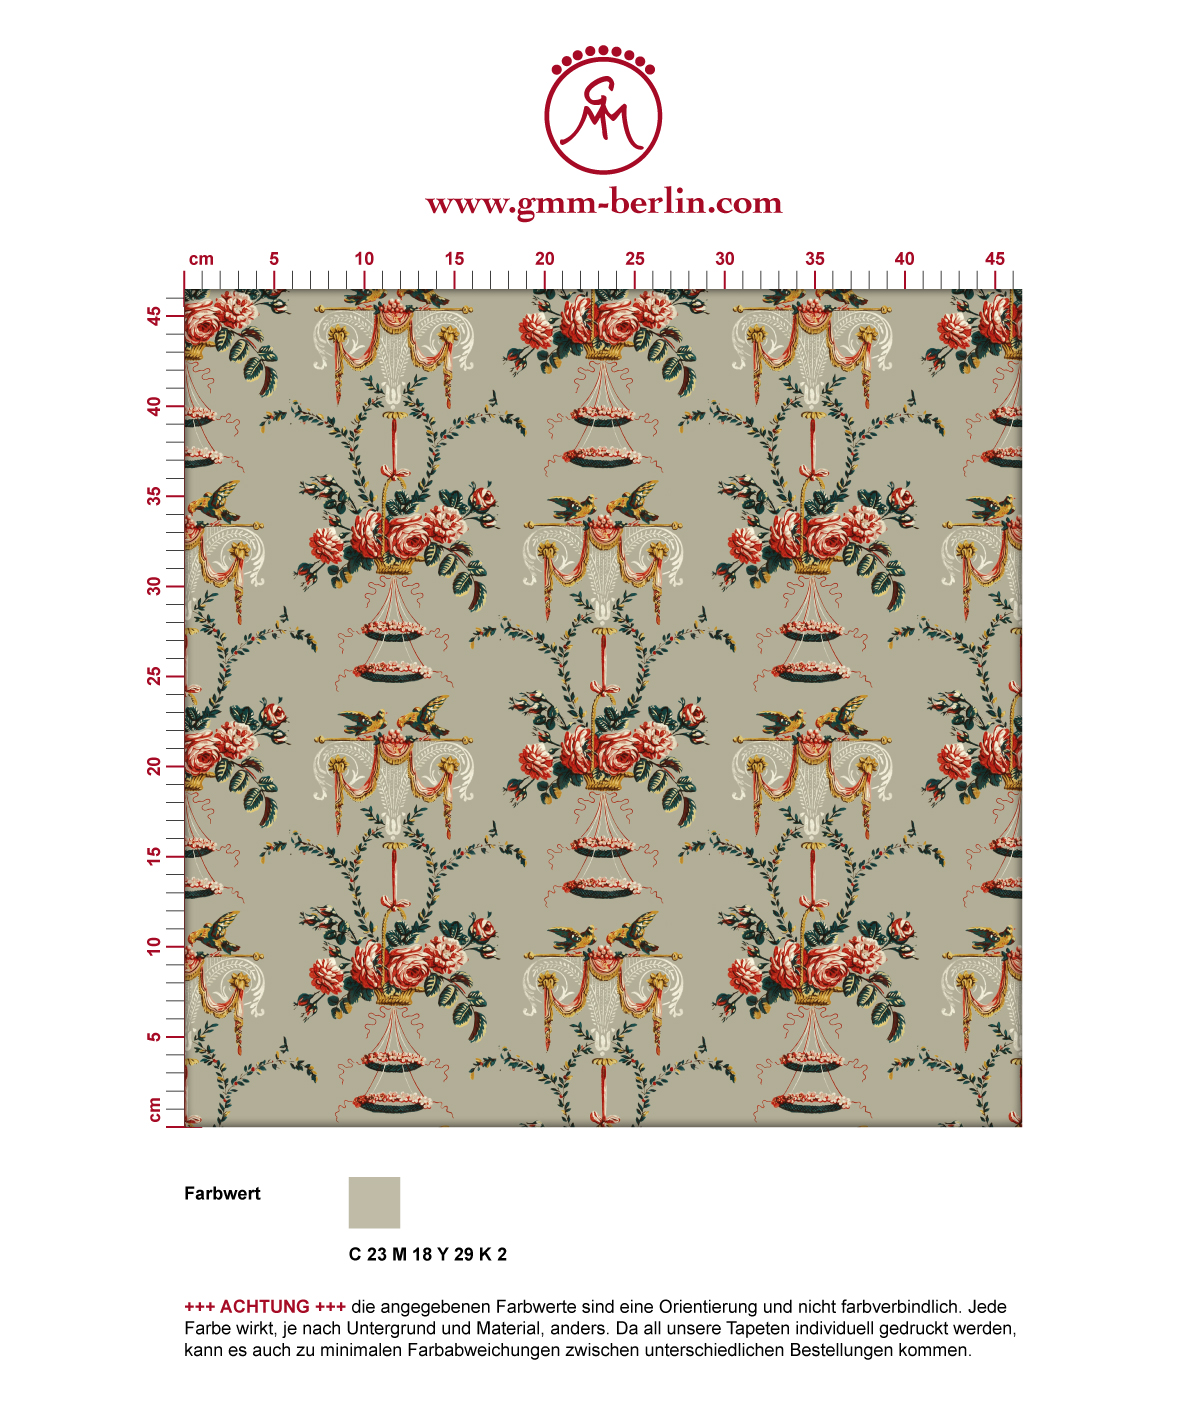 """Üppige Tapete """"Pure Rococo"""" mit klassischen Rosen, Tauben und Blumen Kränzen in beige. Aus dem GMM-BERLIN.com Sortiment: Schöne Tapeten in creme Farbe"""